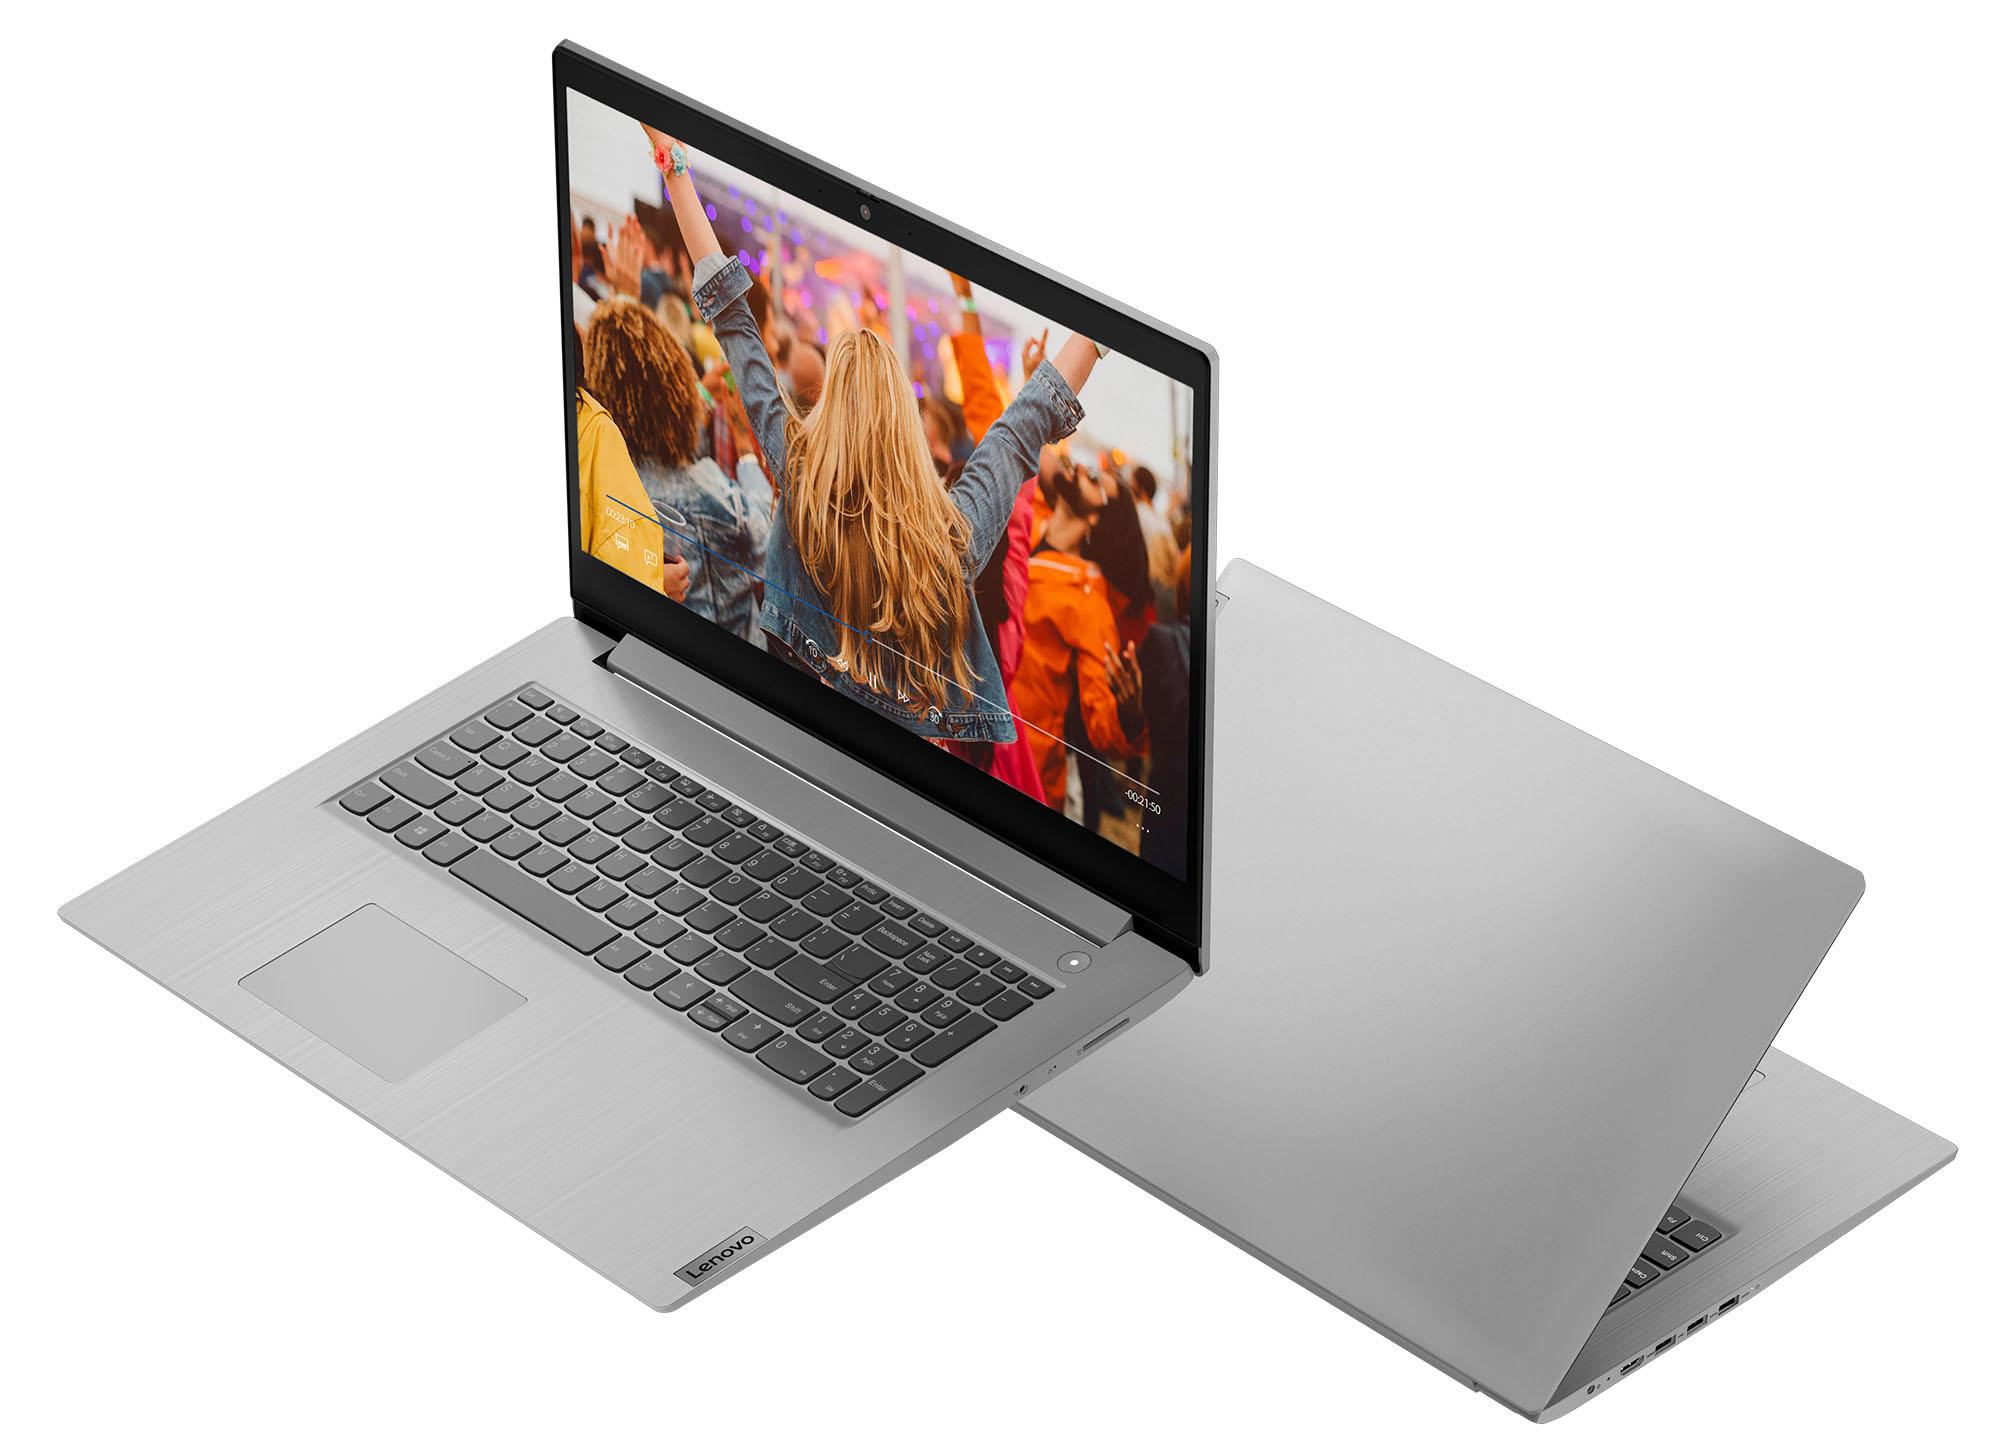 Фото  Ноутбук Lenovo ideapad 3i 17IML05 Platinum Grey (81WC009JRK)